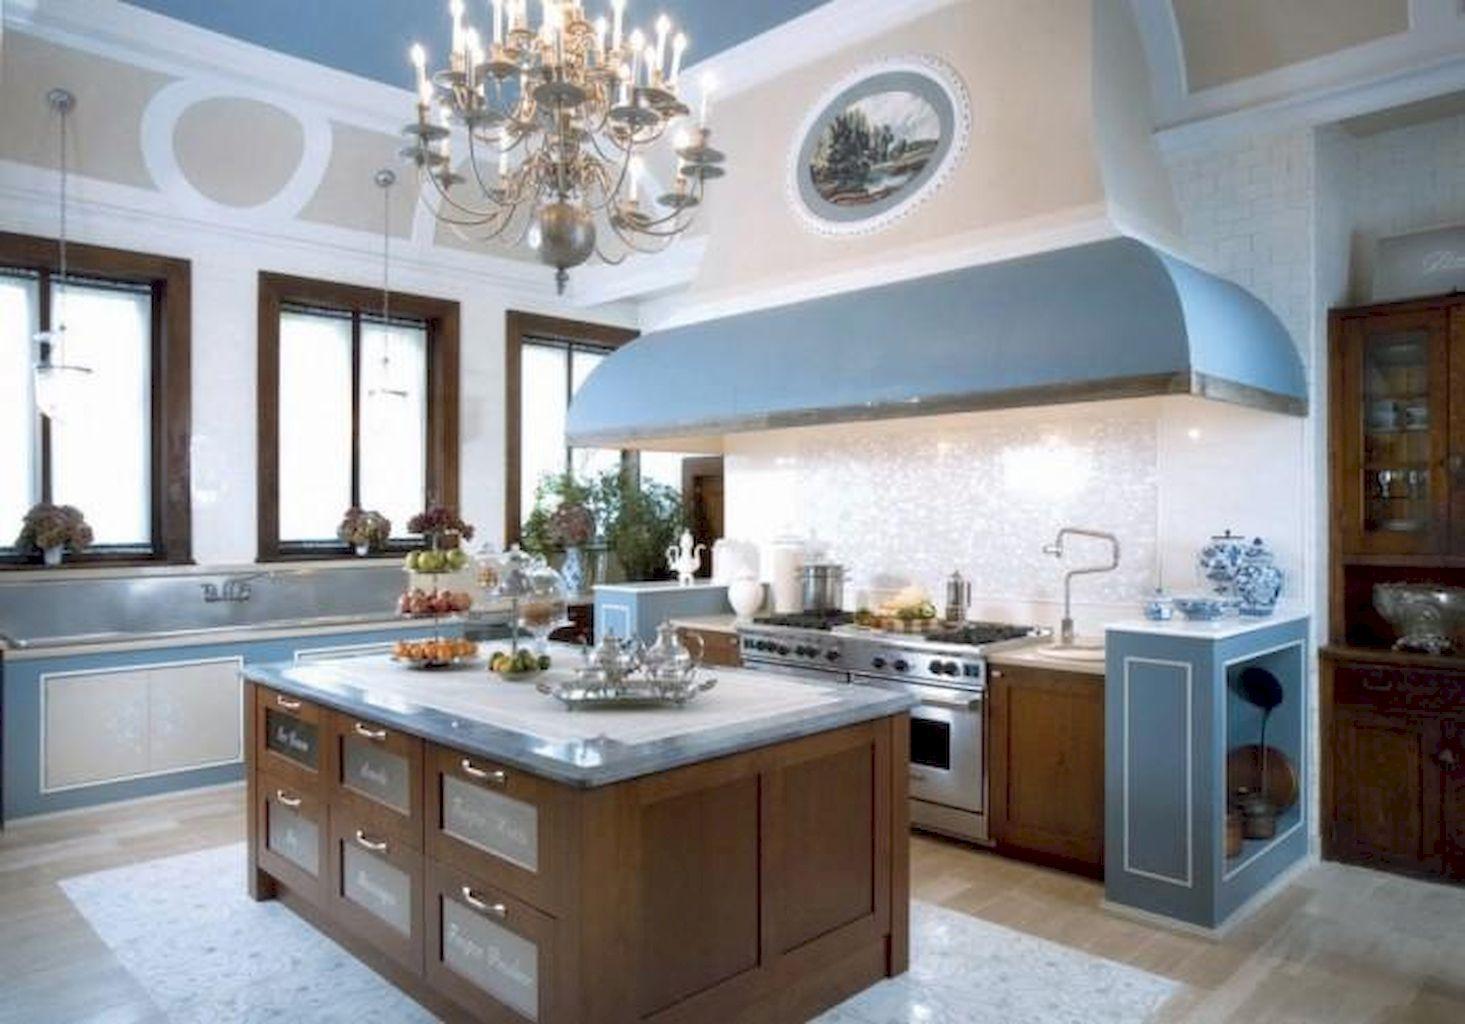 110 Stunning Farmhouse Kitchen Decor Ideas 110